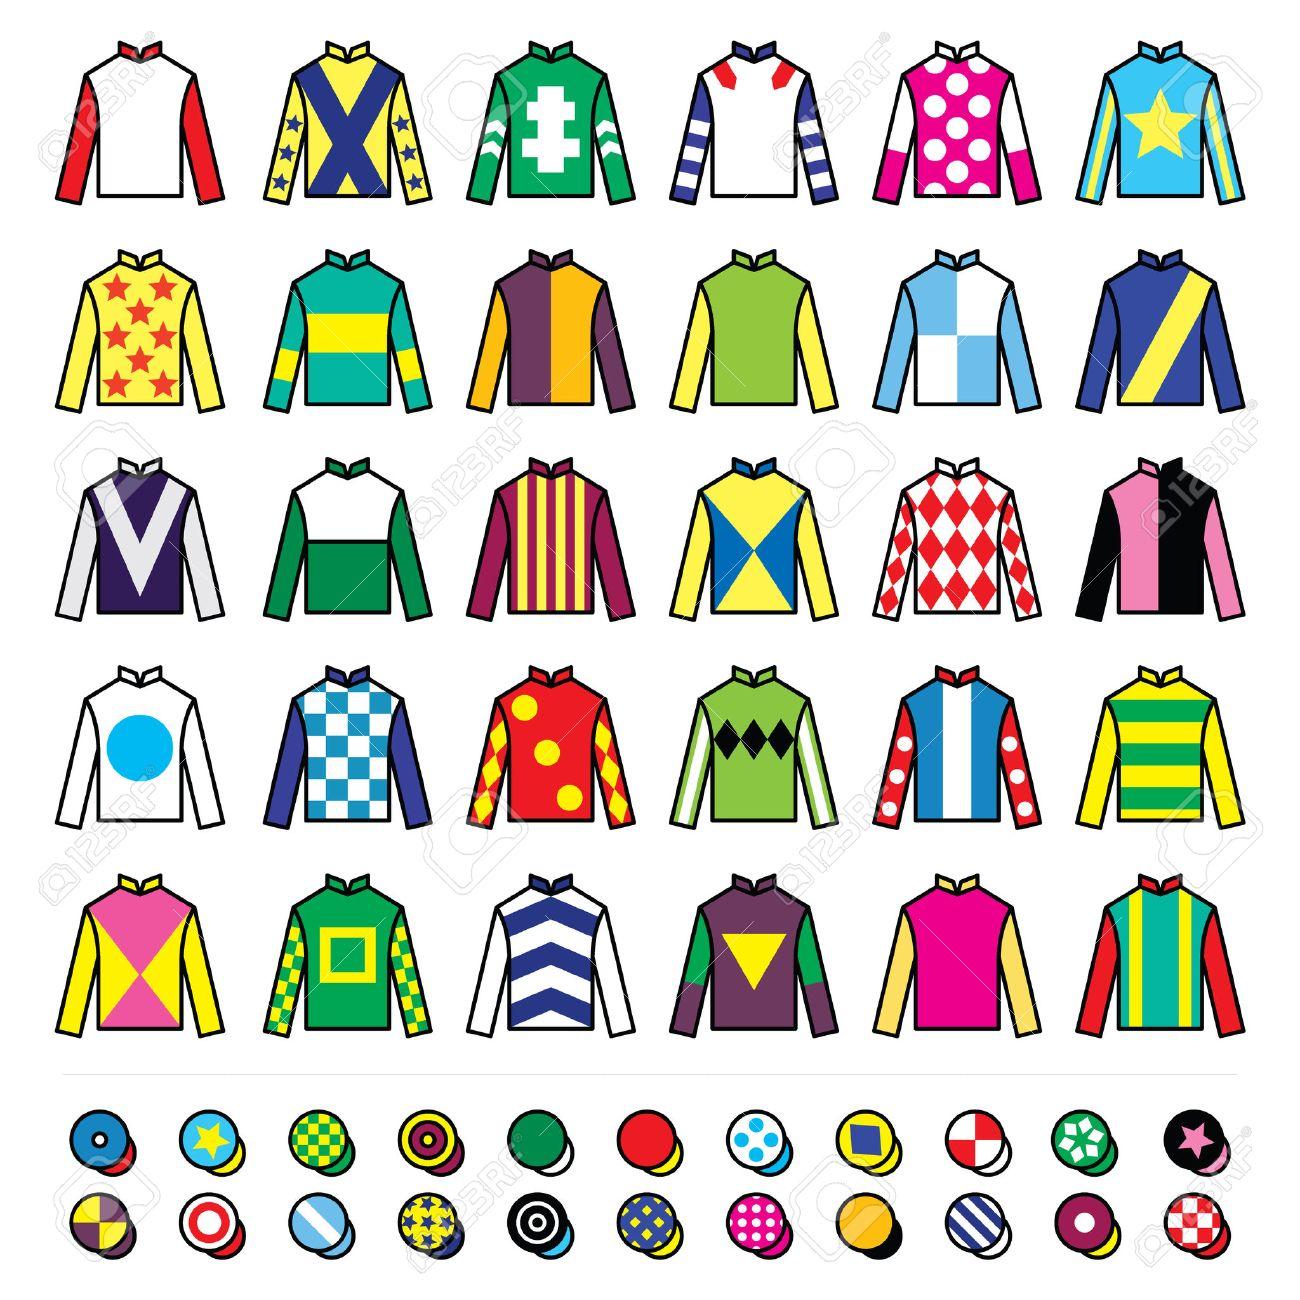 Soies Icons Jockey Uniforme Et ChapeauxÀ Set VestesDes Cheval QxeWCBErdo